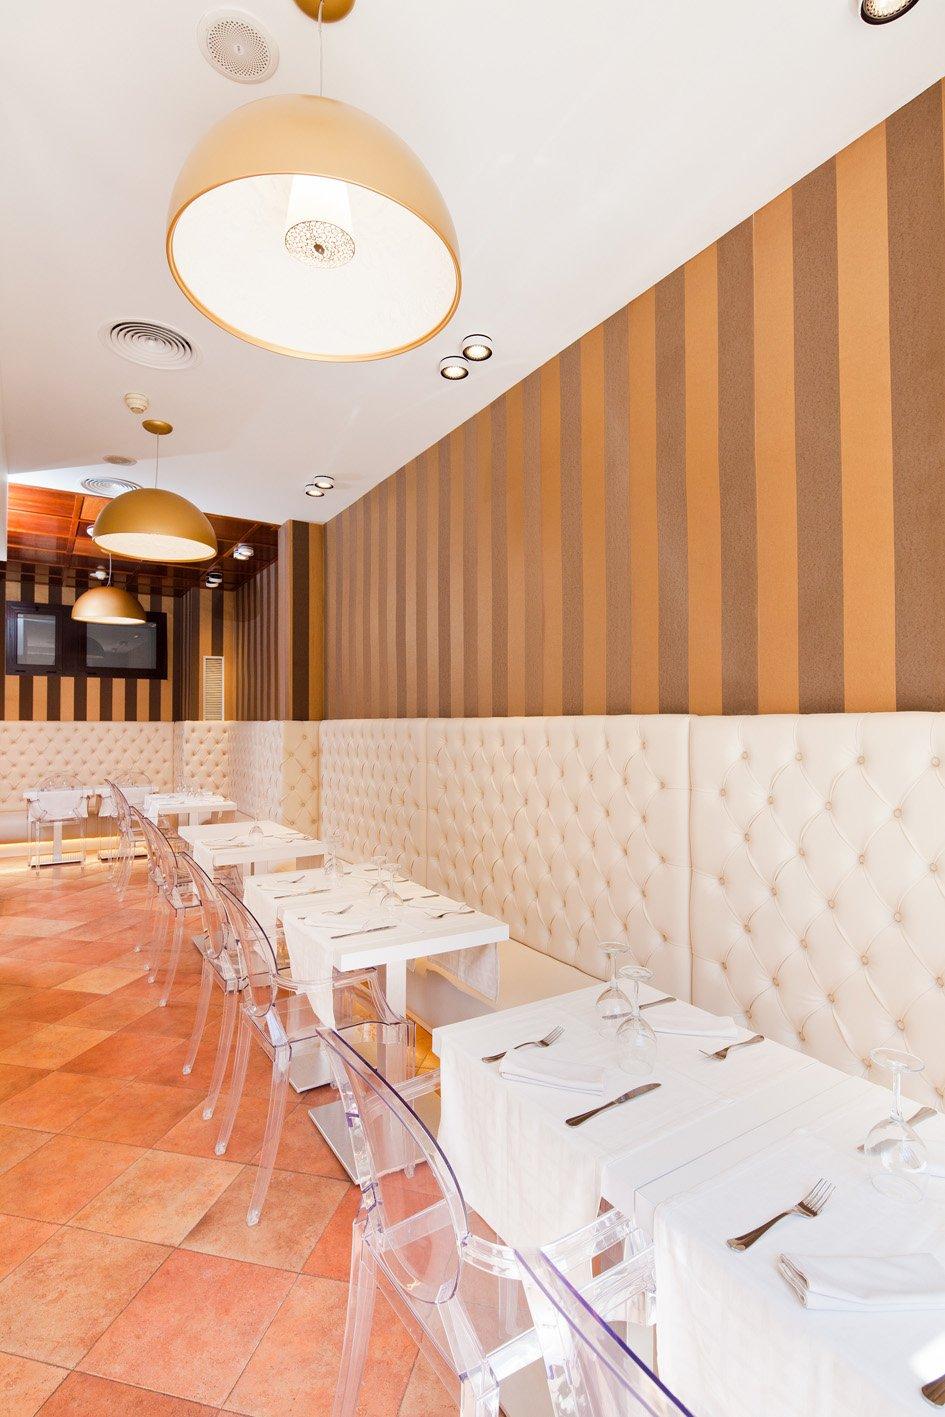 hotel_la_fontnombre_del_documento_7-9bebca507cea607d76418c04bf542888